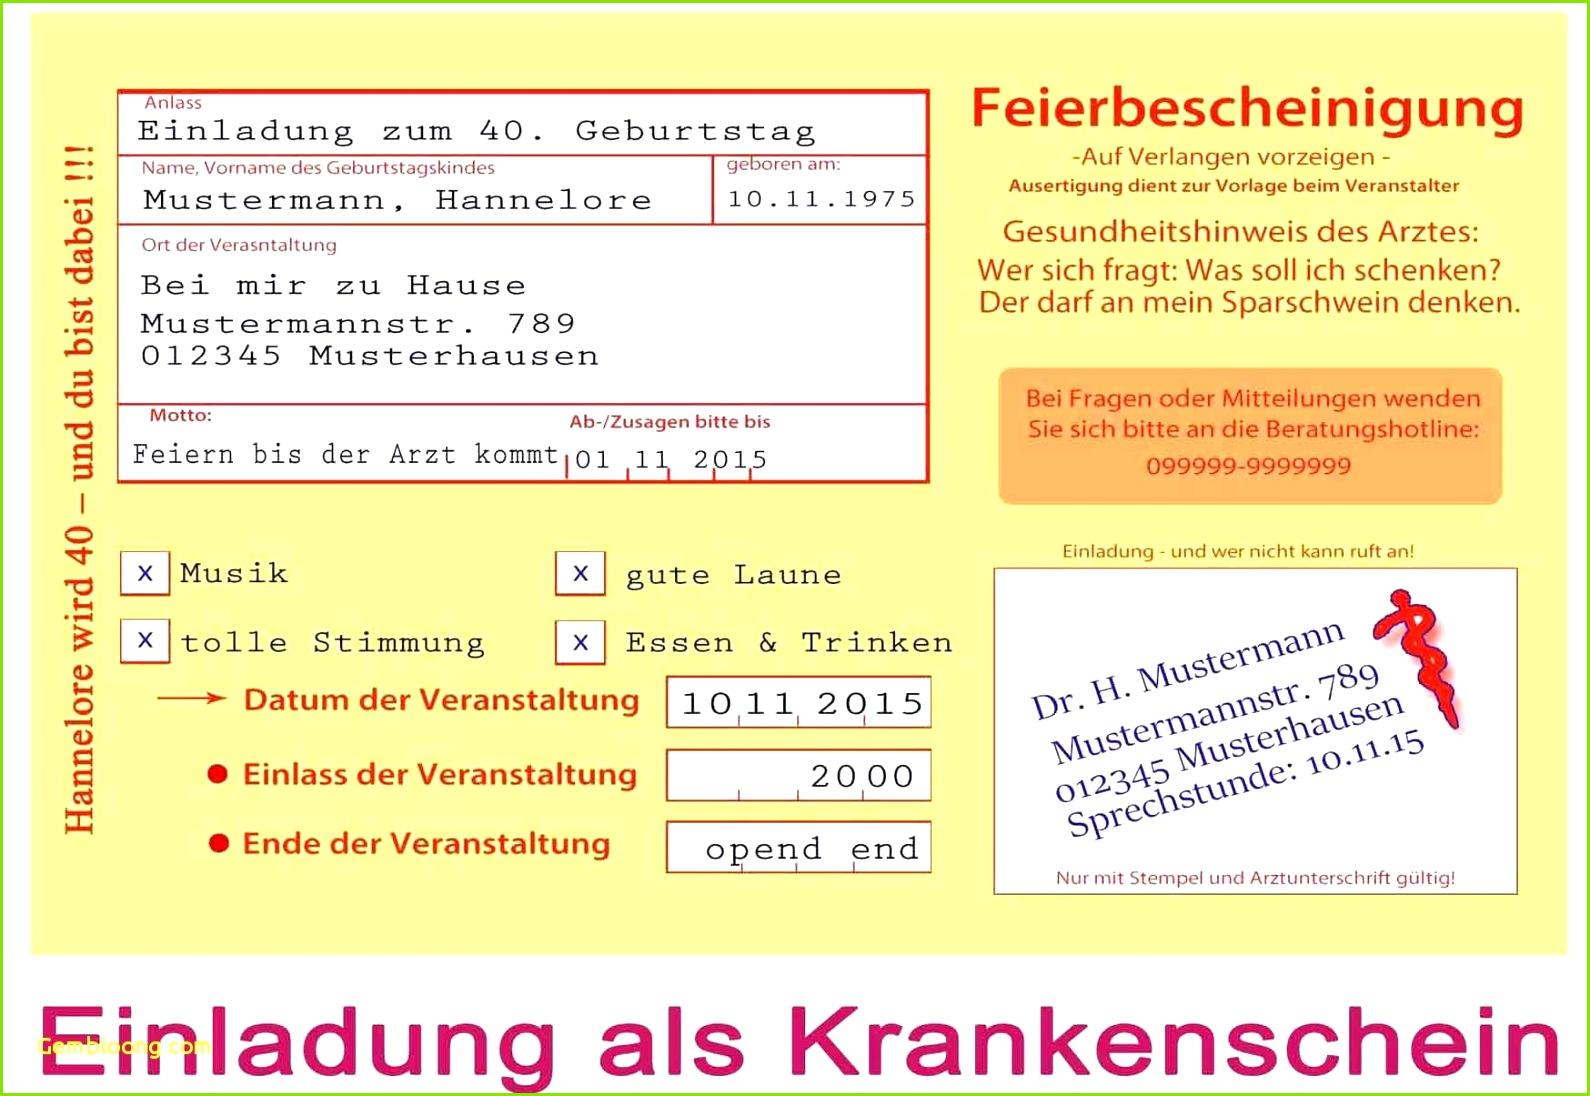 Einladungskarte Einladungskarten Vorlagen Geburtstag Einladungskarten 50 Geburtstag Mann Sammlungen Einladung